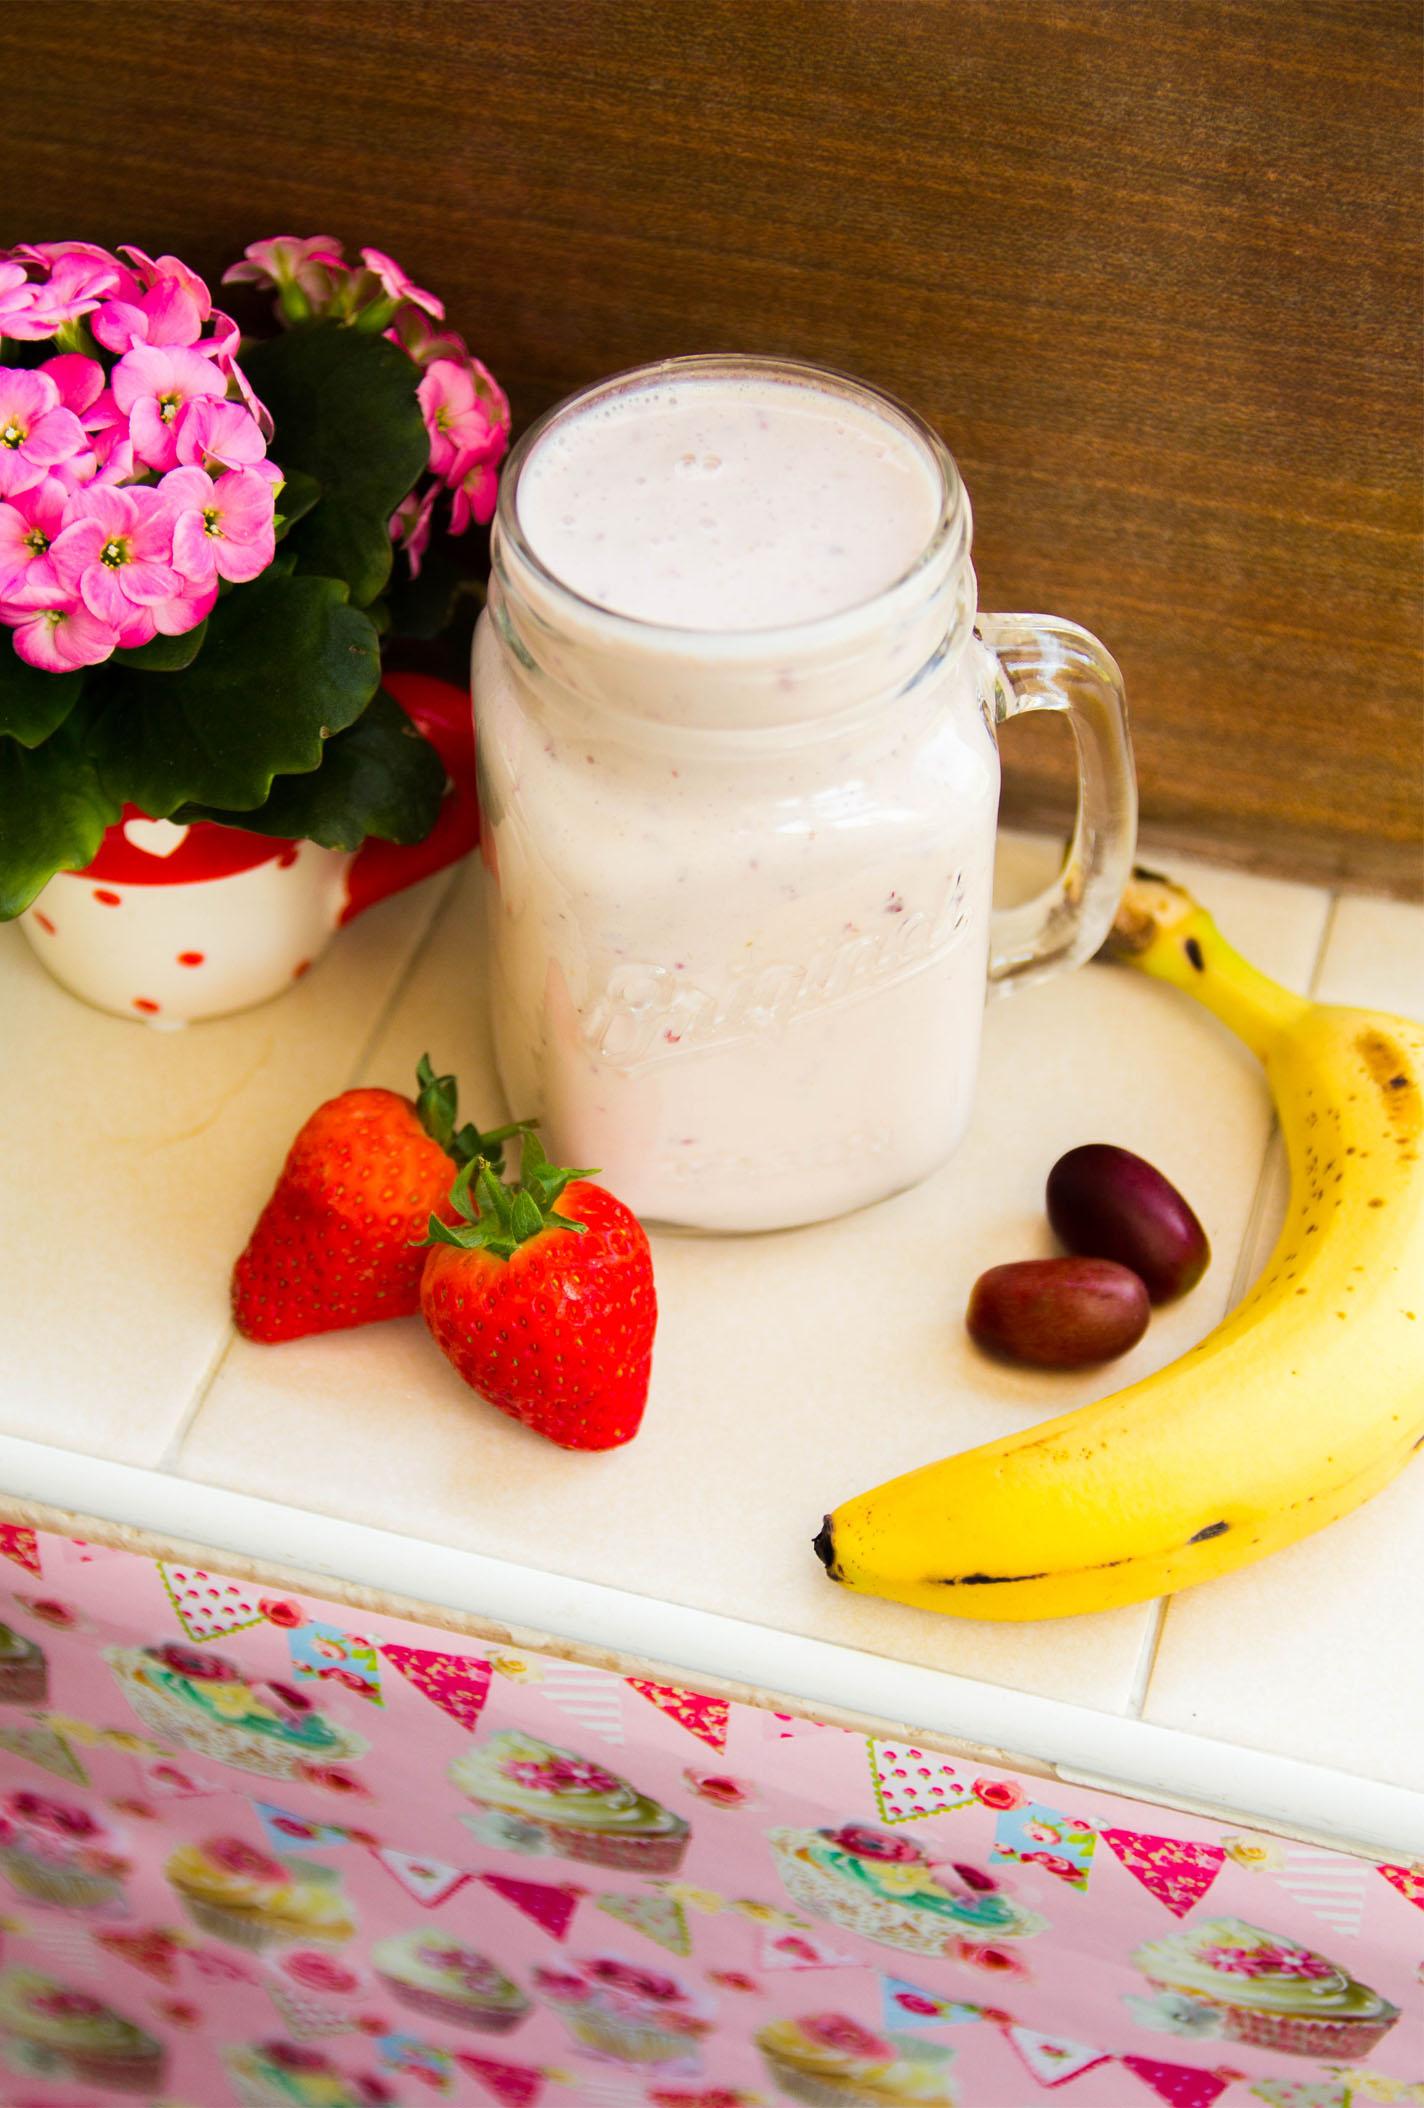 Strawberry Banana Smoothie #healthy #smoothie #summer #dairyfree #sugarfree #lowsugar #protein #breakfast